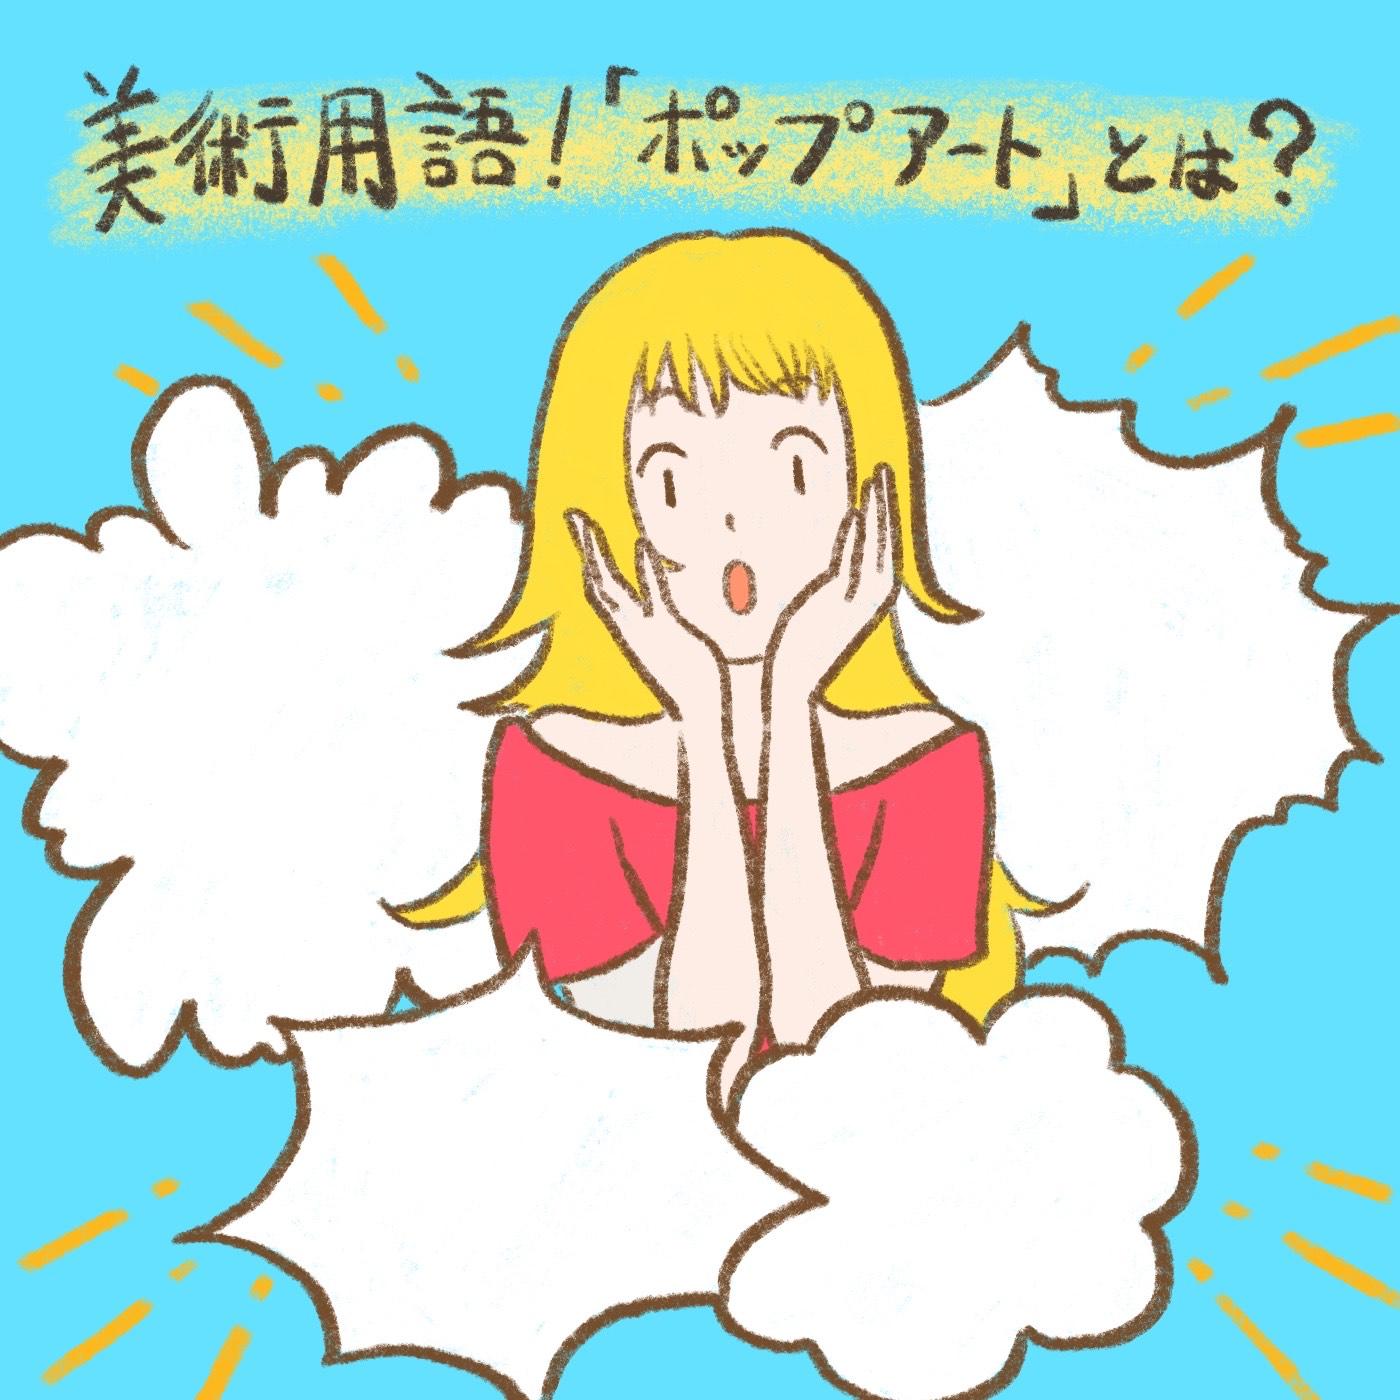 美術用語!「ポップアート」とは? OBIKAKE ナニソレ 松濤美術館 現代美術